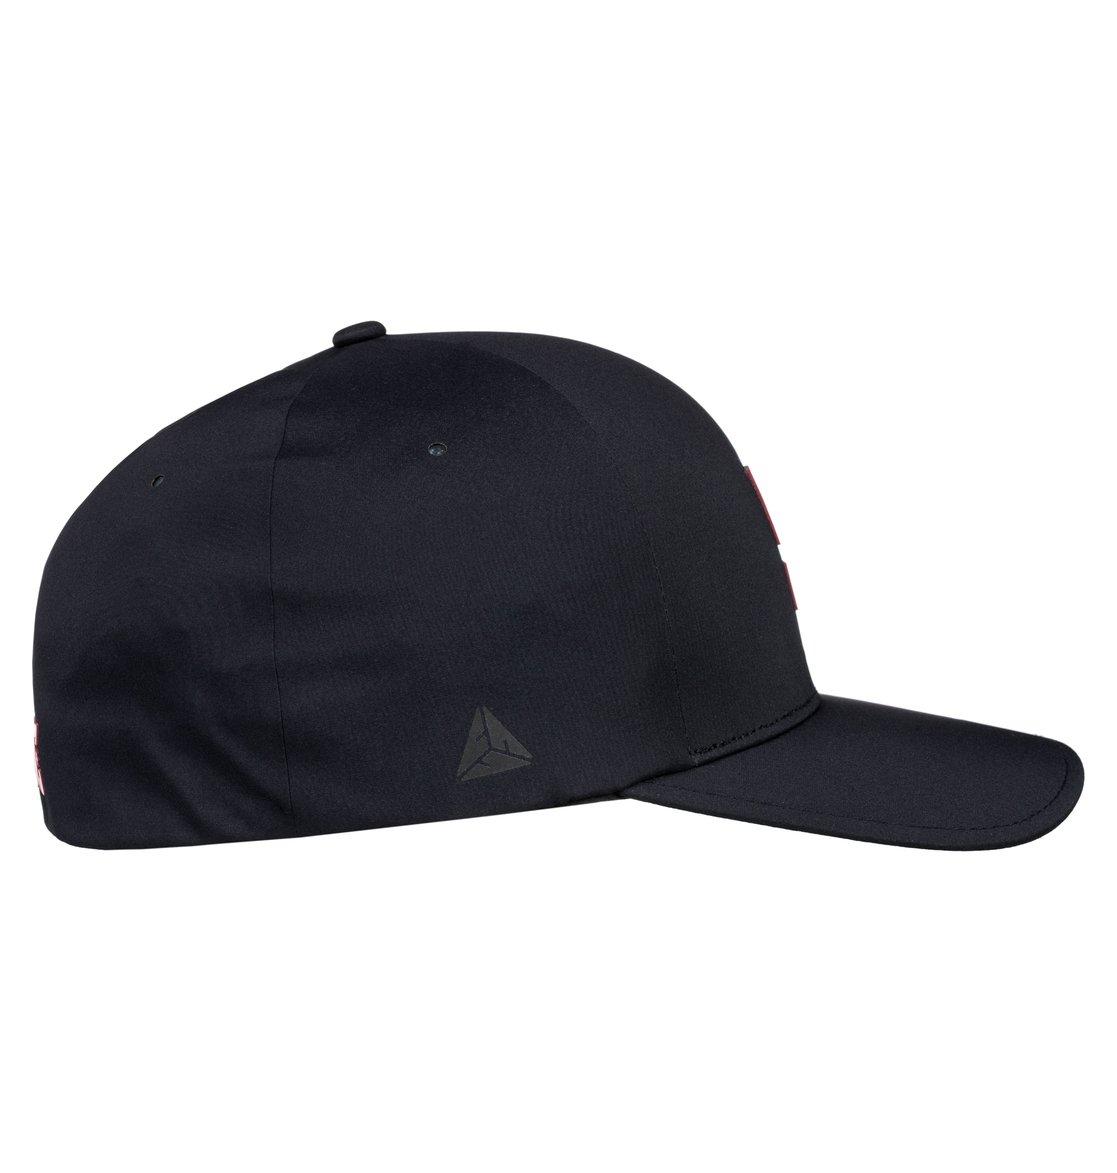 Pop It Delta Flexfit Hat ADYHA03677 | DC Shoes